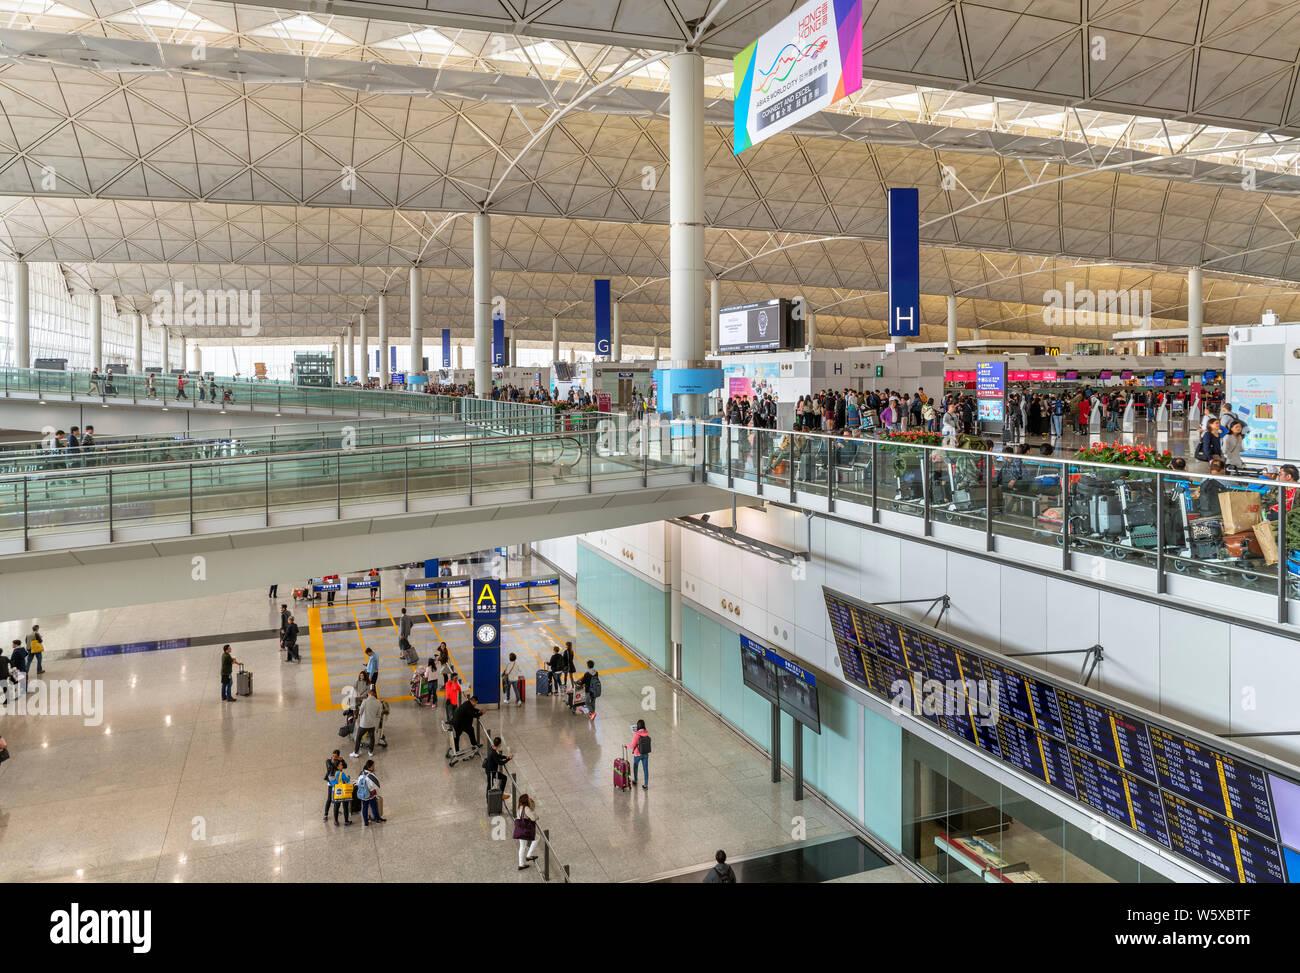 El check-in y el área de llegadas de la terminal en el Aeropuerto Internacional de Hong Kong, Chep Lak Kok, Hong Kong, China Foto de stock